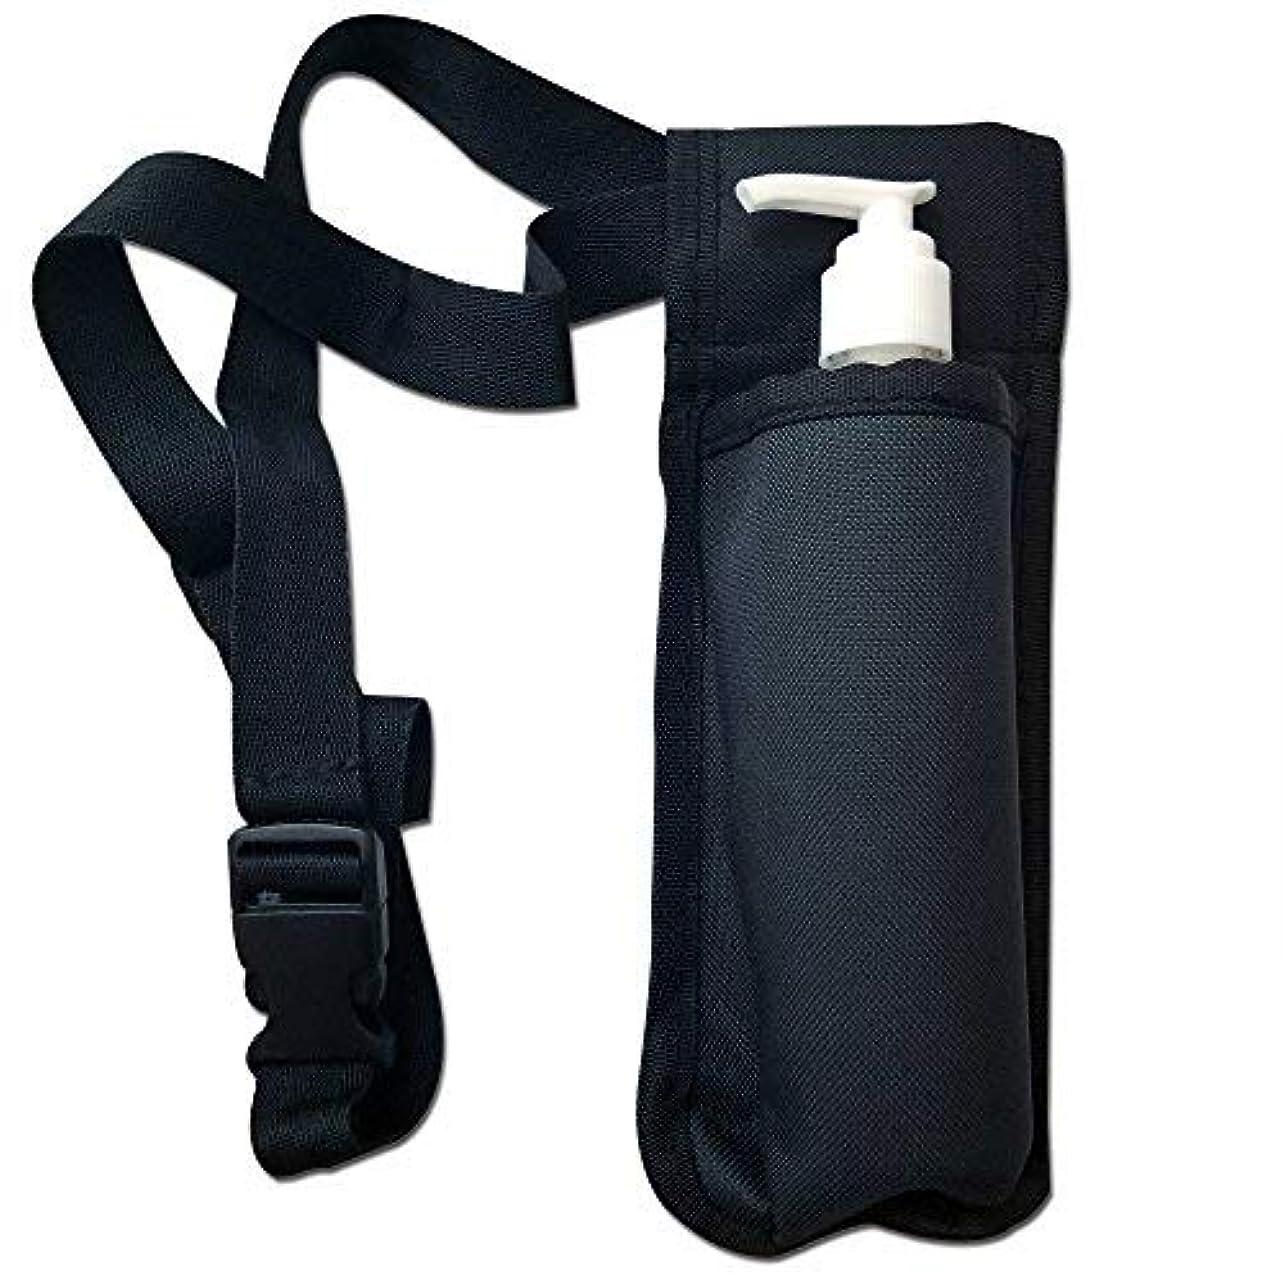 赤しかしジーンズTOA Single Bottle Holster Adjustable Strap w/ 6oz Bottle for Massage Oil, Lotion, Cream [並行輸入品]